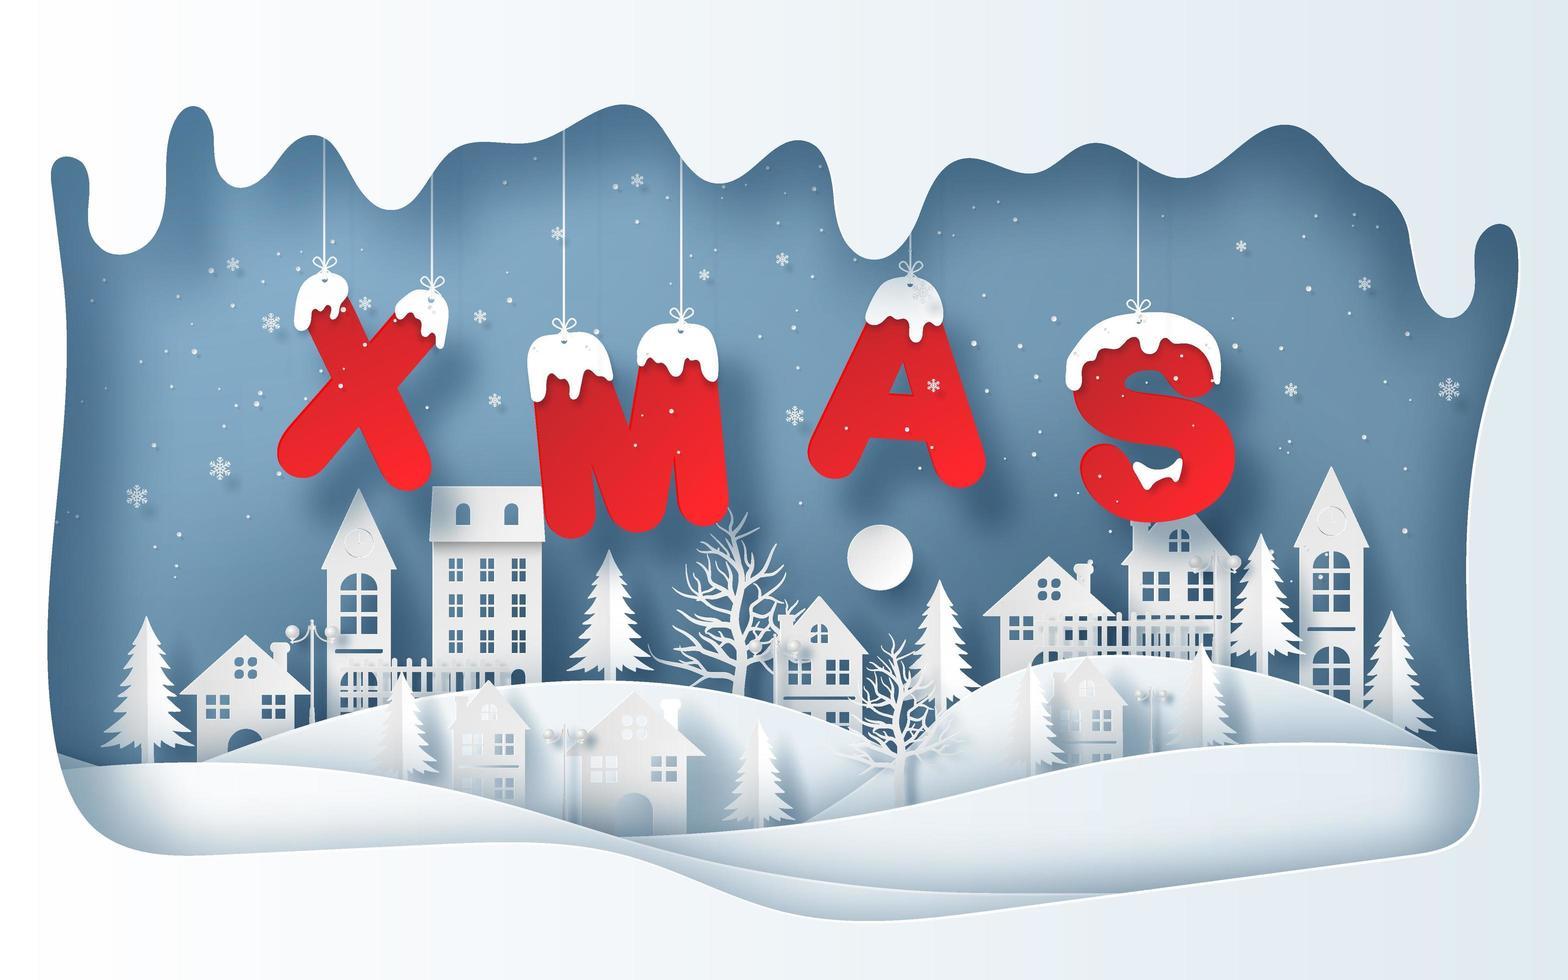 stile di arte di carta del villaggio nella stagione invernale con appeso la parola di Natale vettore